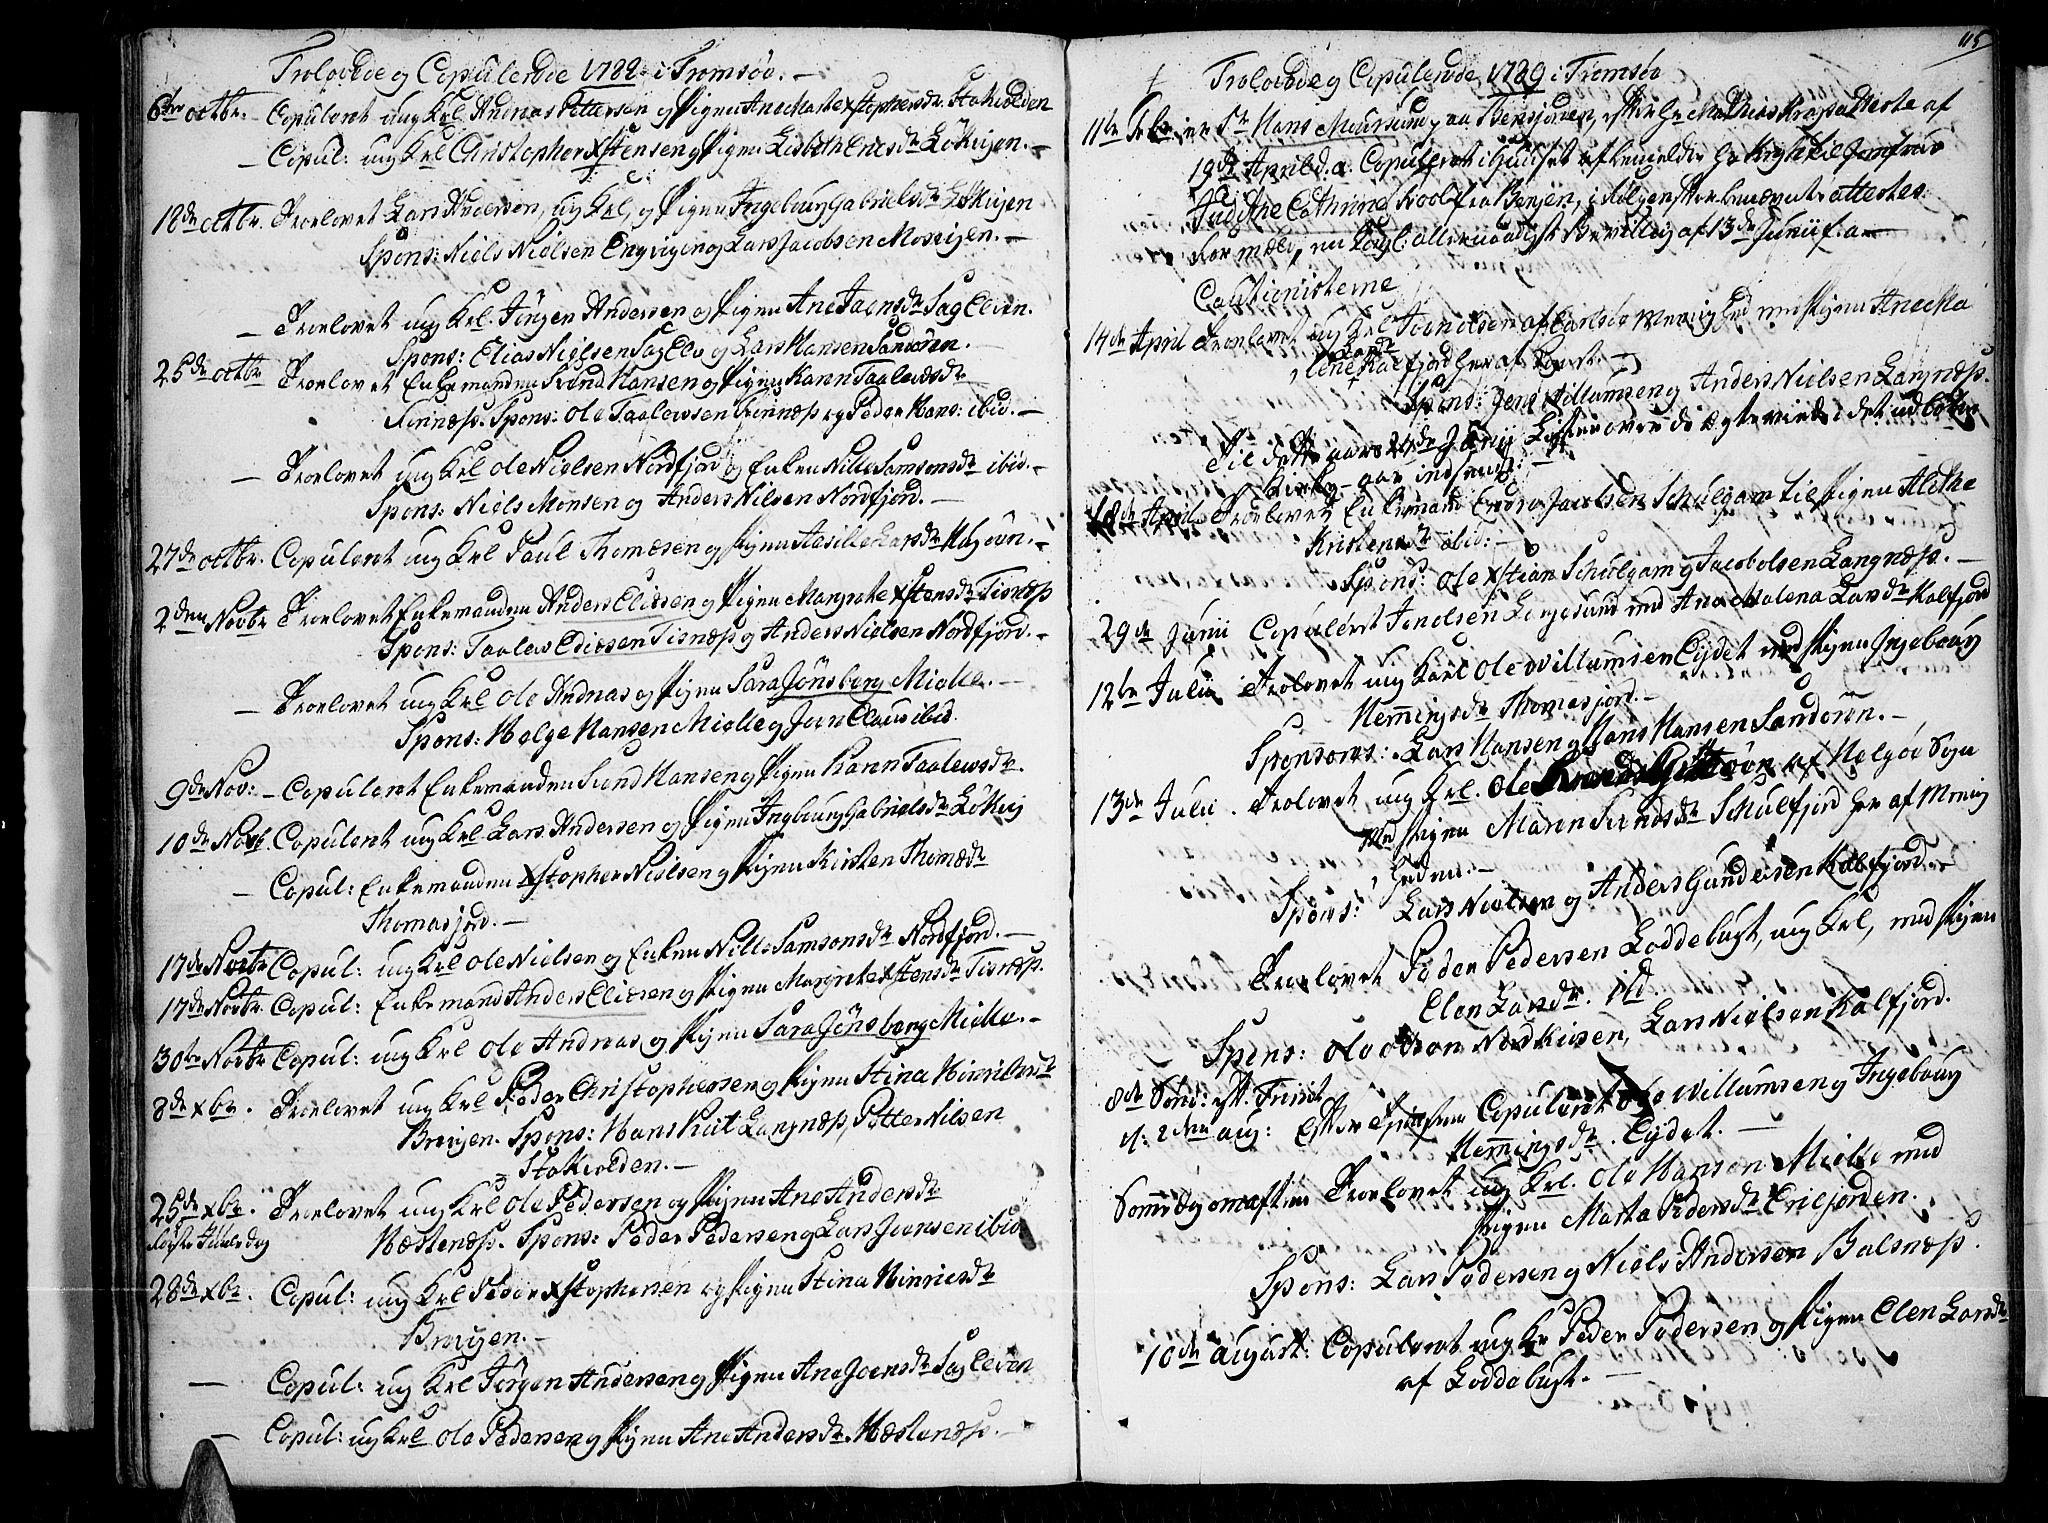 SATØ, Tromsø sokneprestkontor/stiftsprosti/domprosti, G/Ga/L0003kirke: Ministerialbok nr. 3, 1779-1796, s. 115